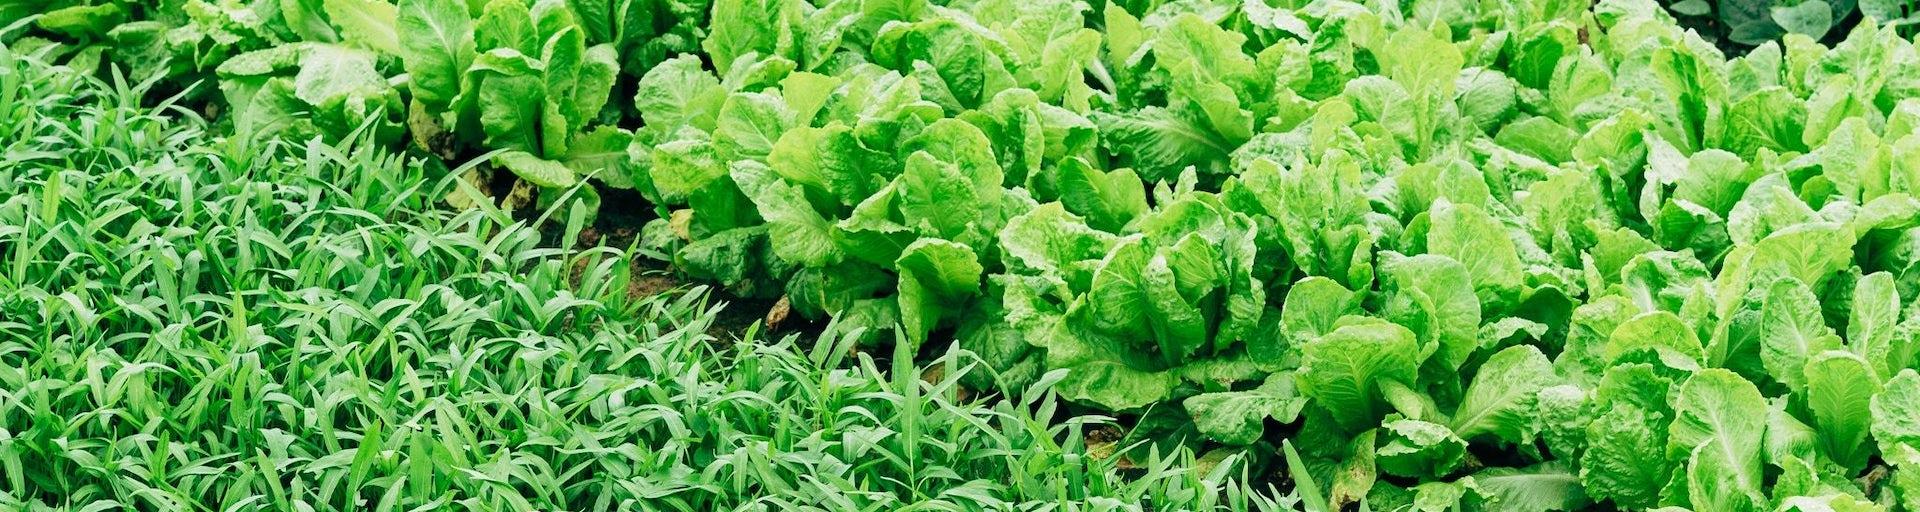 Lokaal gekweekte groenten van korte keten